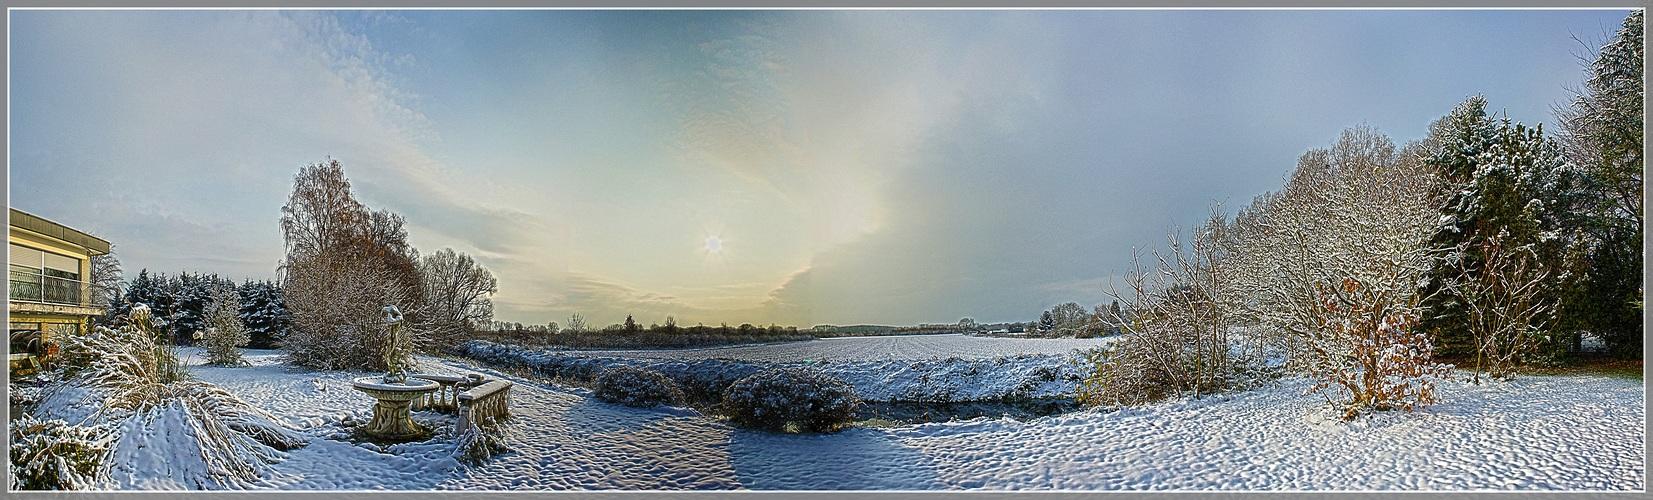 Winter Wonder Land in Troisdorf